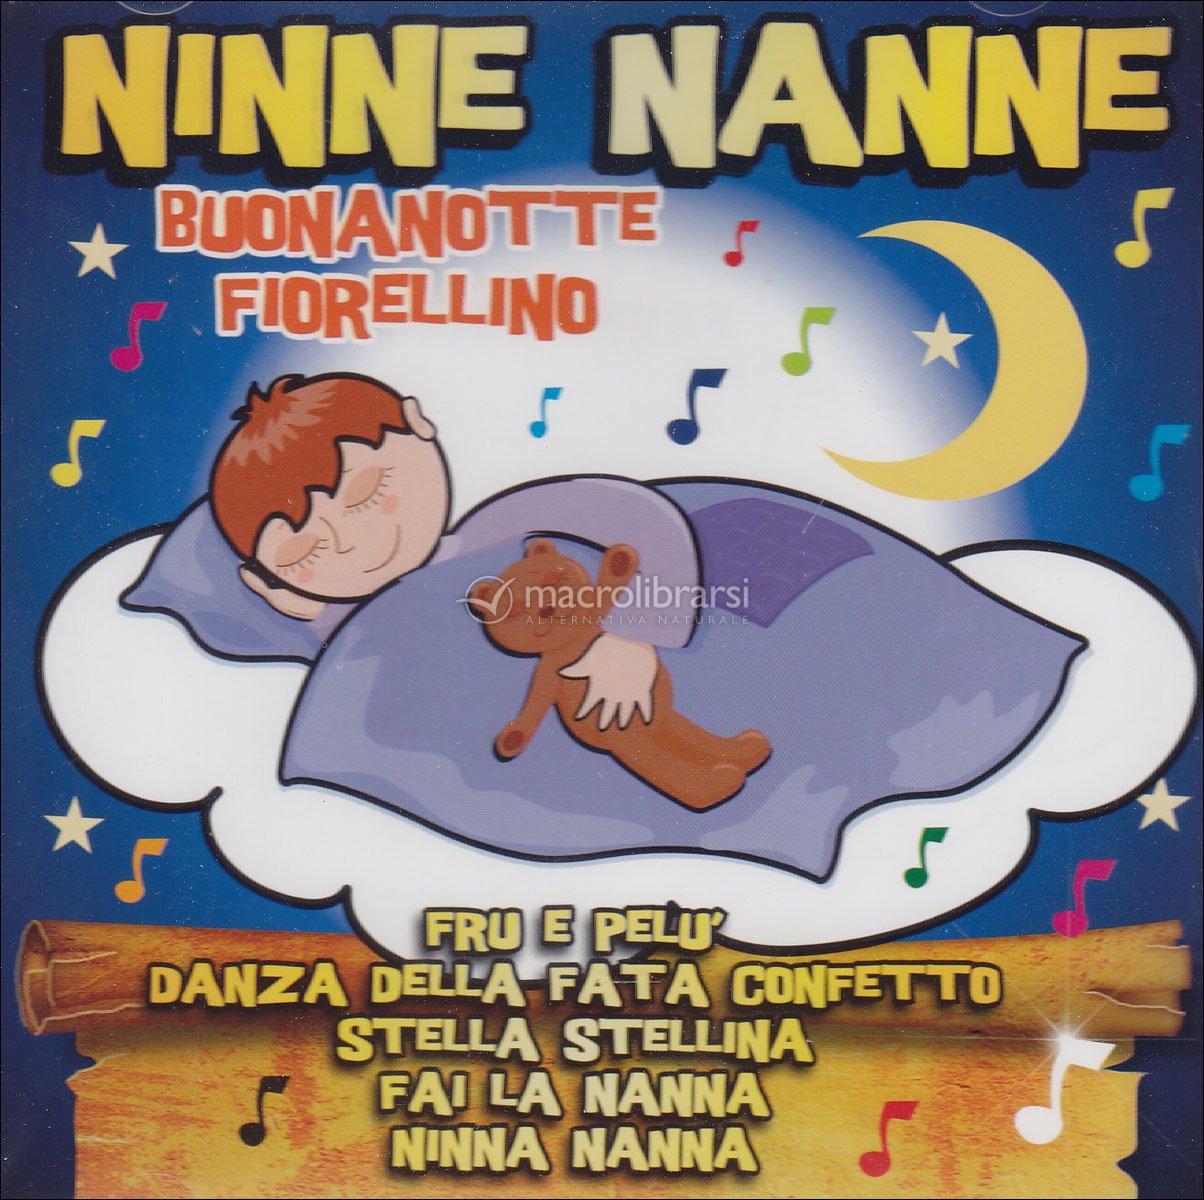 Ninne Nanne - Buonanotte Fiorellino - CD - Artisti Vari